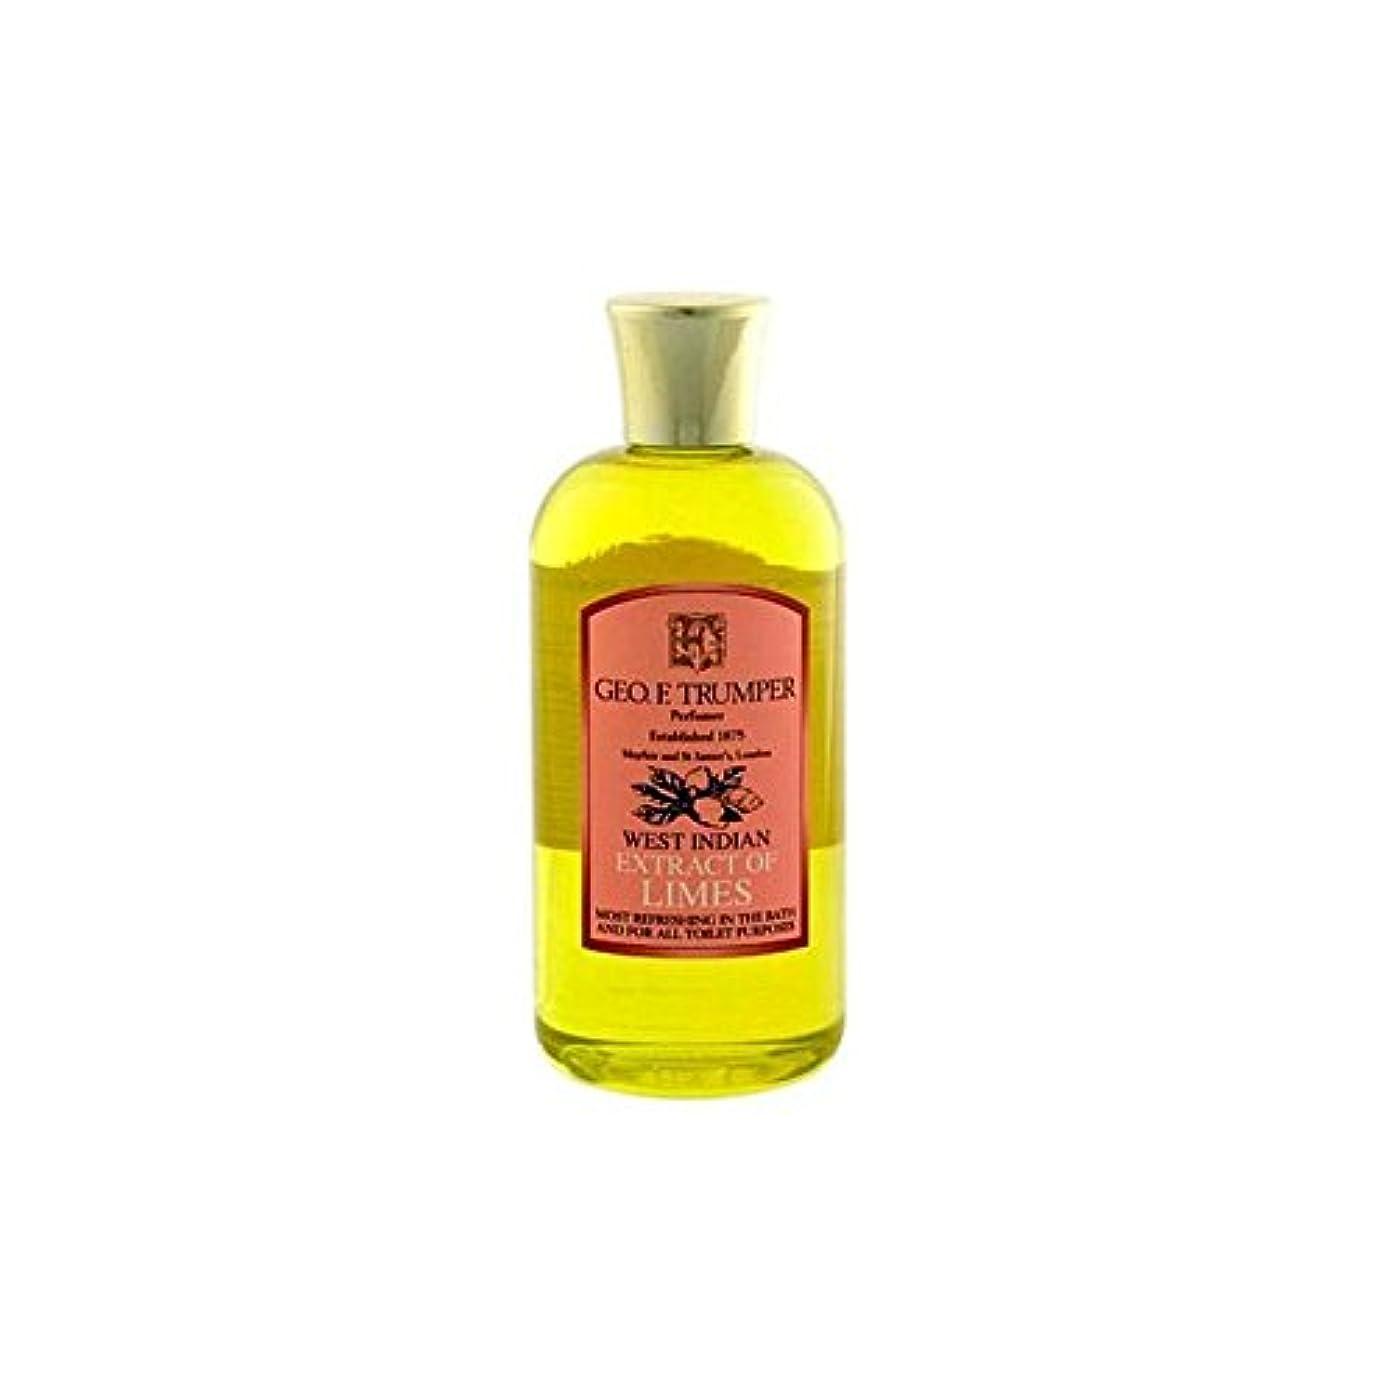 こだわり弱まる失Trumpers Extracts of Limes Bath and Shower Gel 200ml - ライムのバスタブとシャワージェル200の抽出物を [並行輸入品]